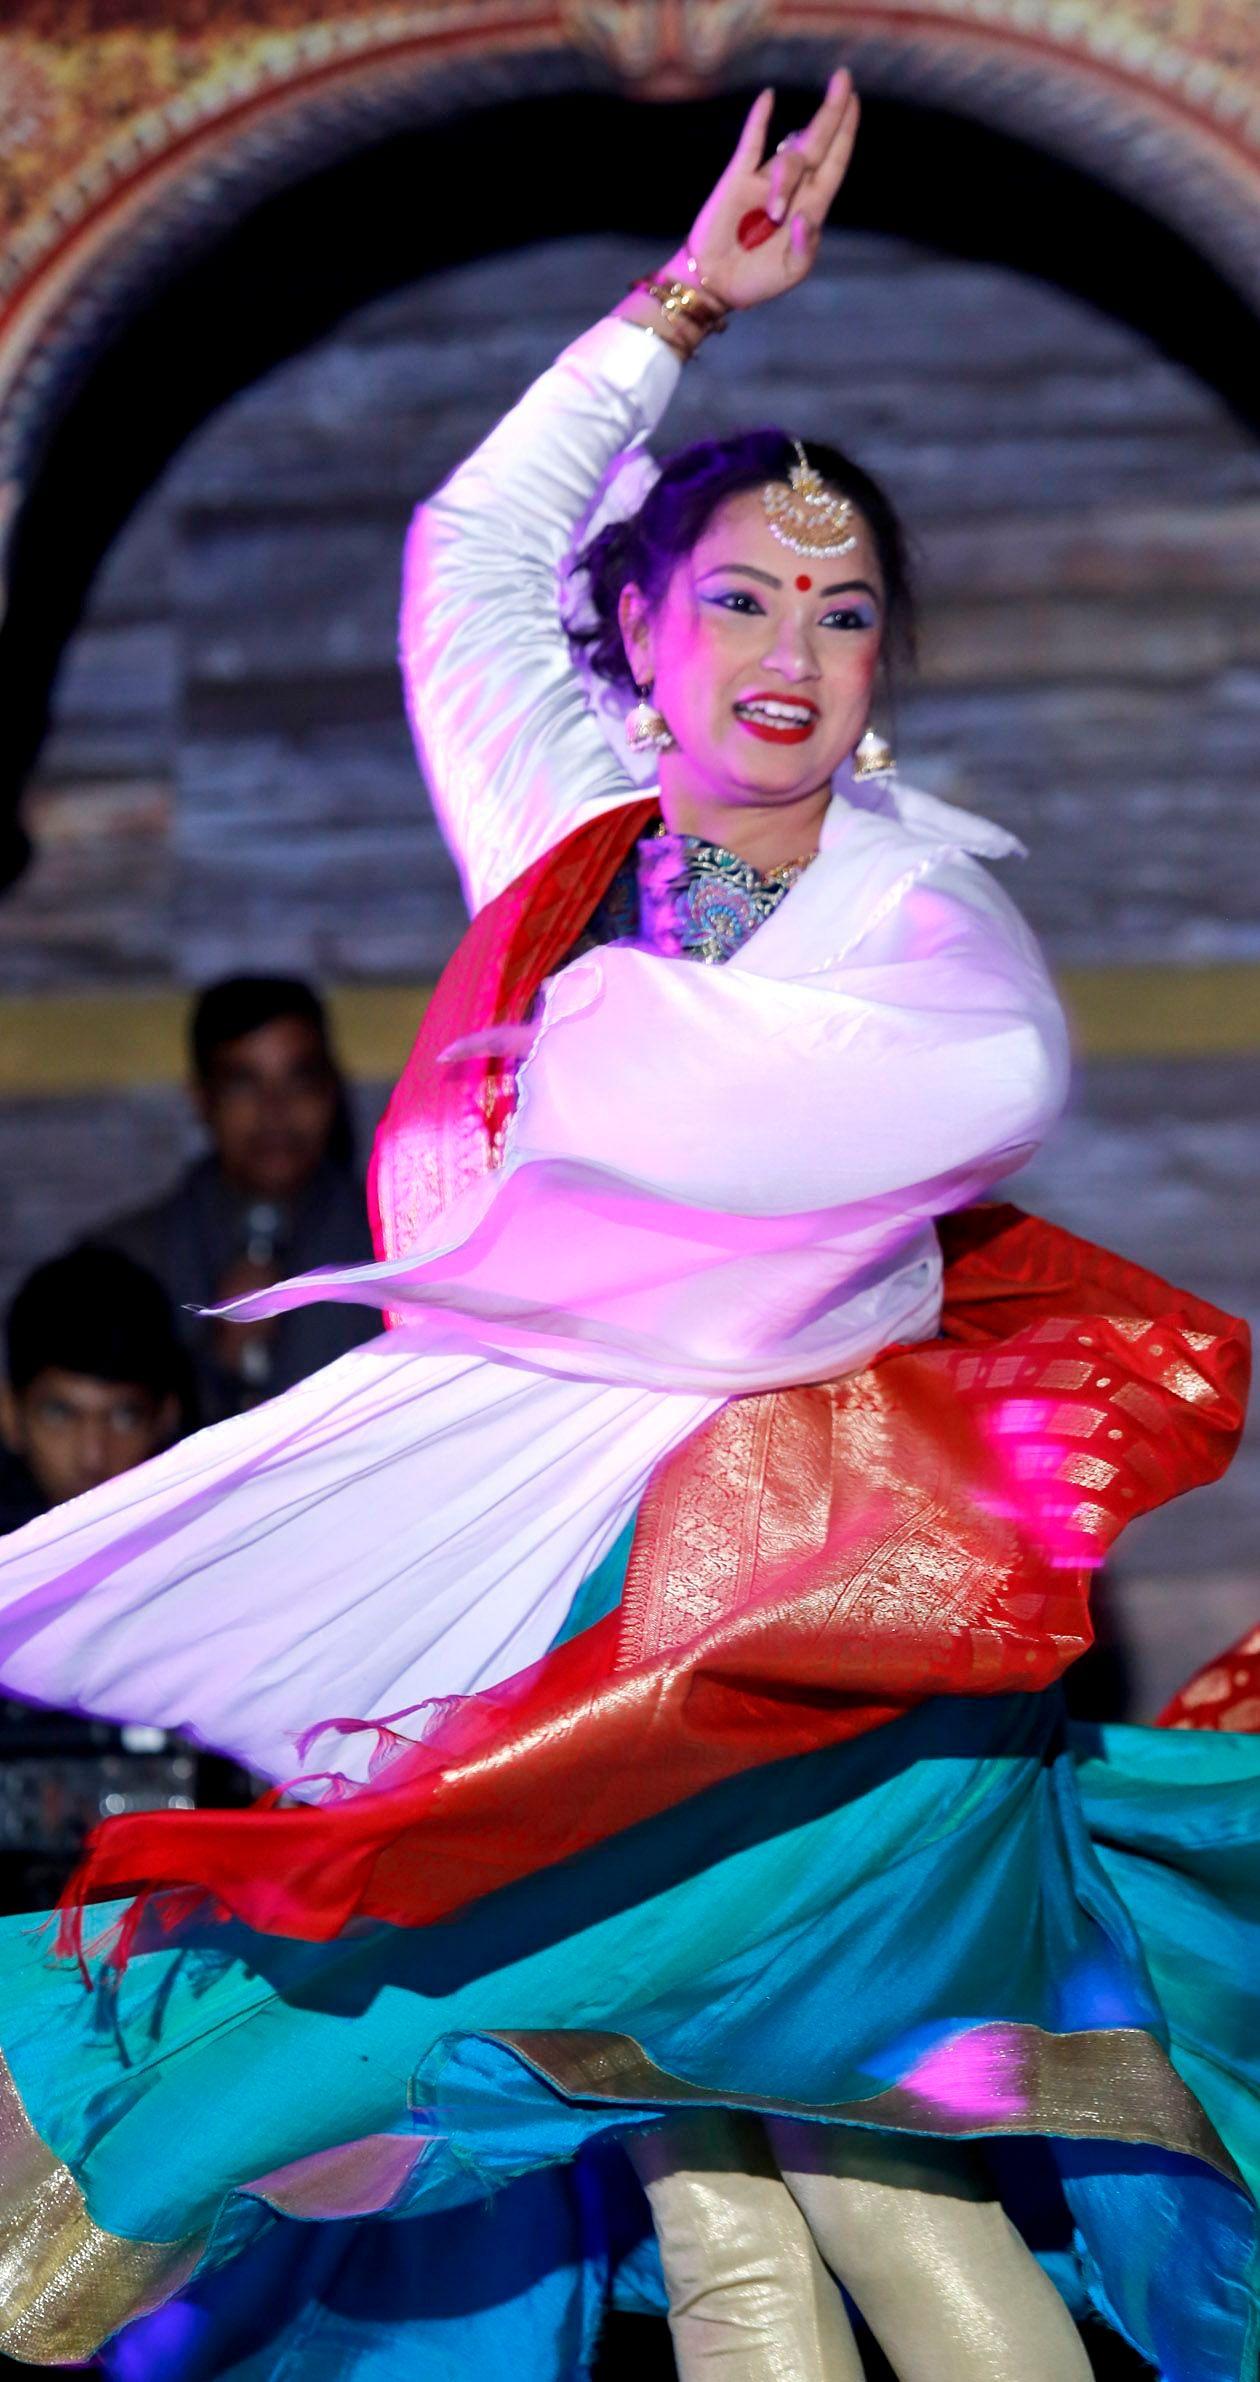 श्रीनगर सरस मेले मे कथक की प्रस्तुति देते कलाकार                                                         फोटो---- संवाद